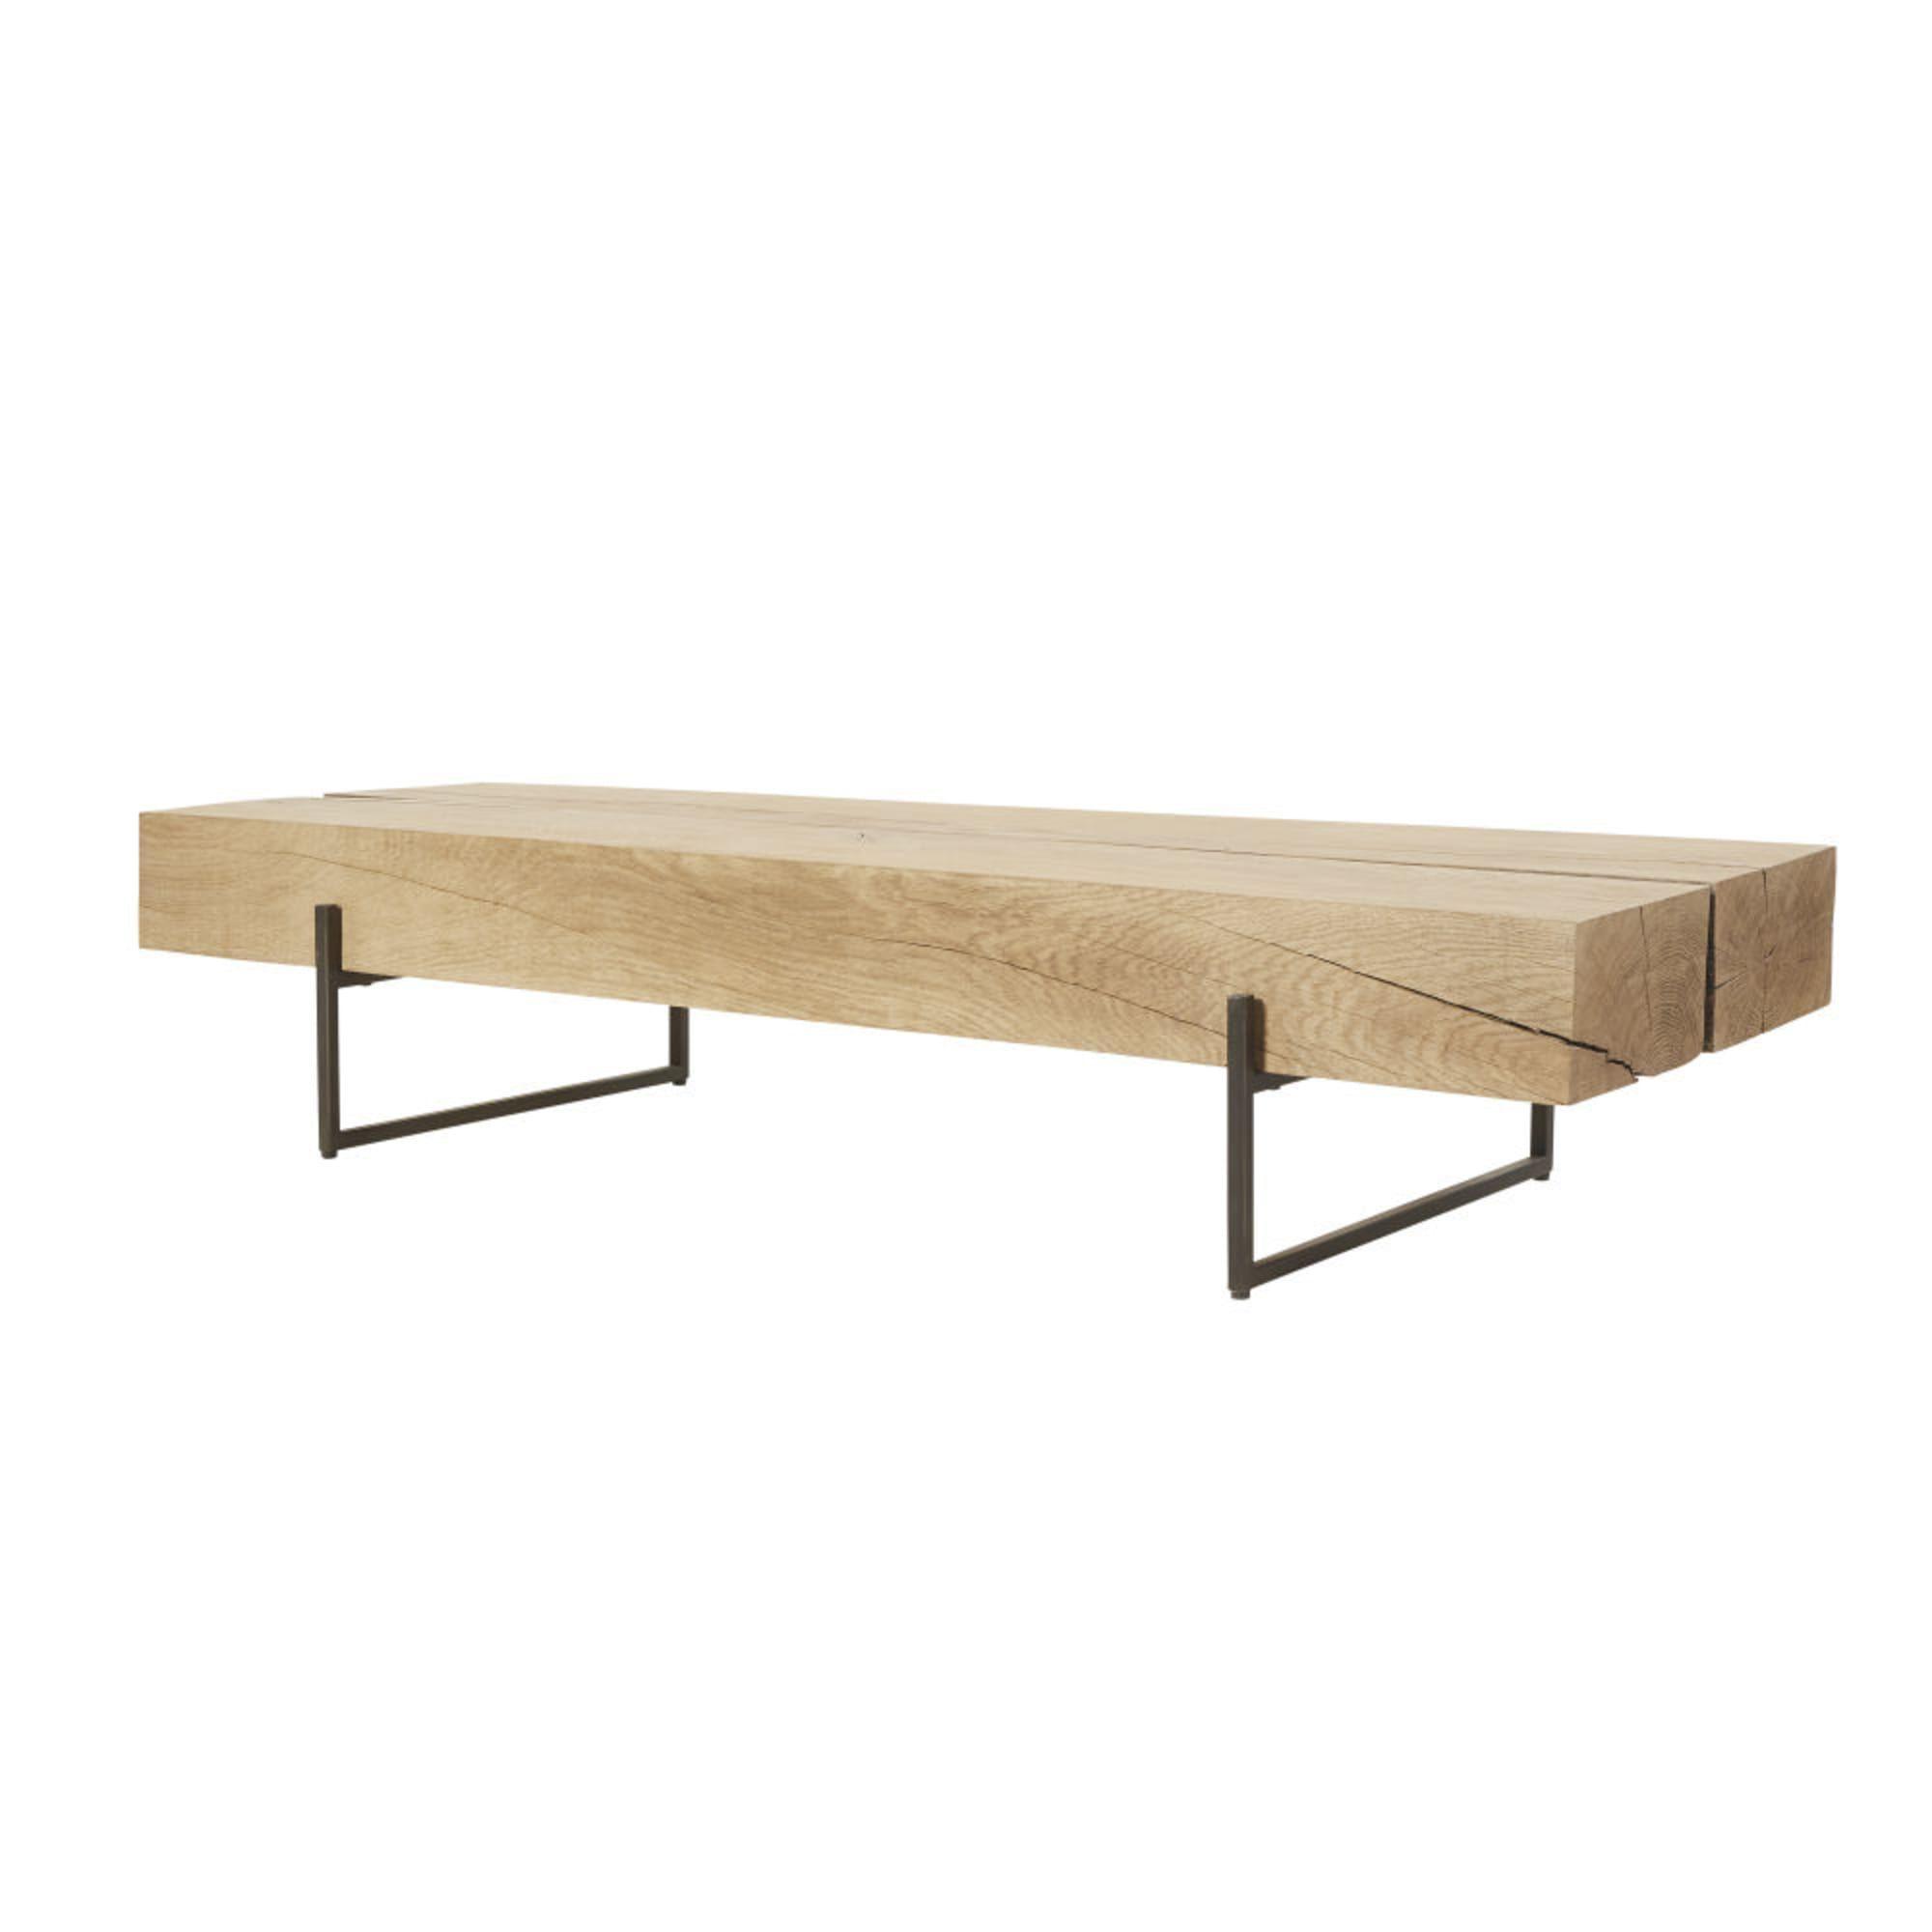 Tavolini Salotto Maison Du Monde.Tavolino Da Salotto In Legno Massello Di Quercia E Metallo Nero In